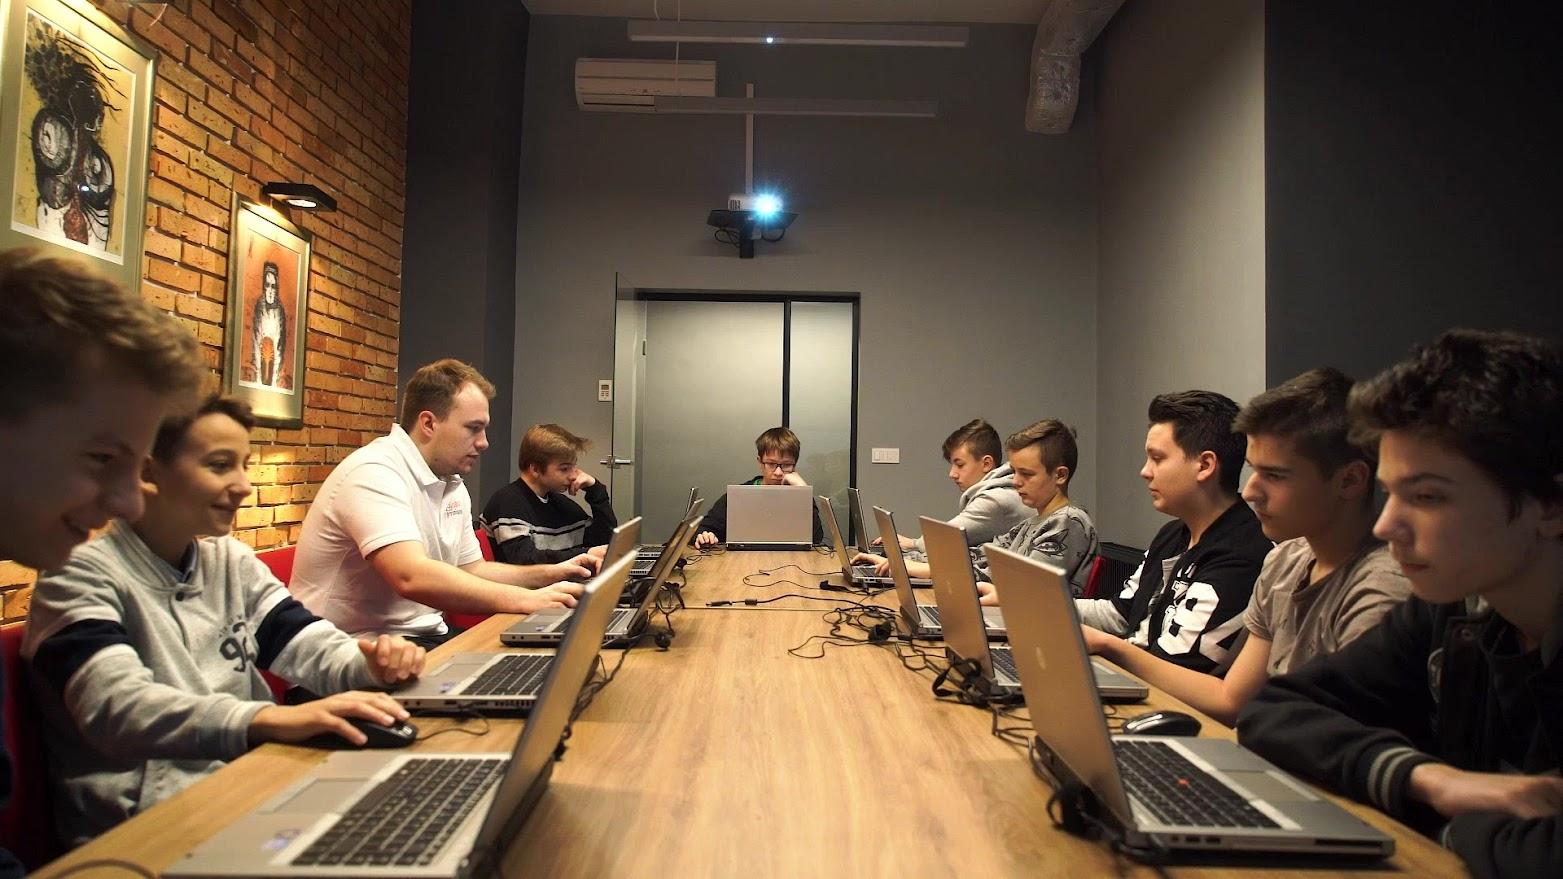 Bezpłatne warsztaty programowania dla dzieci i młodzieży